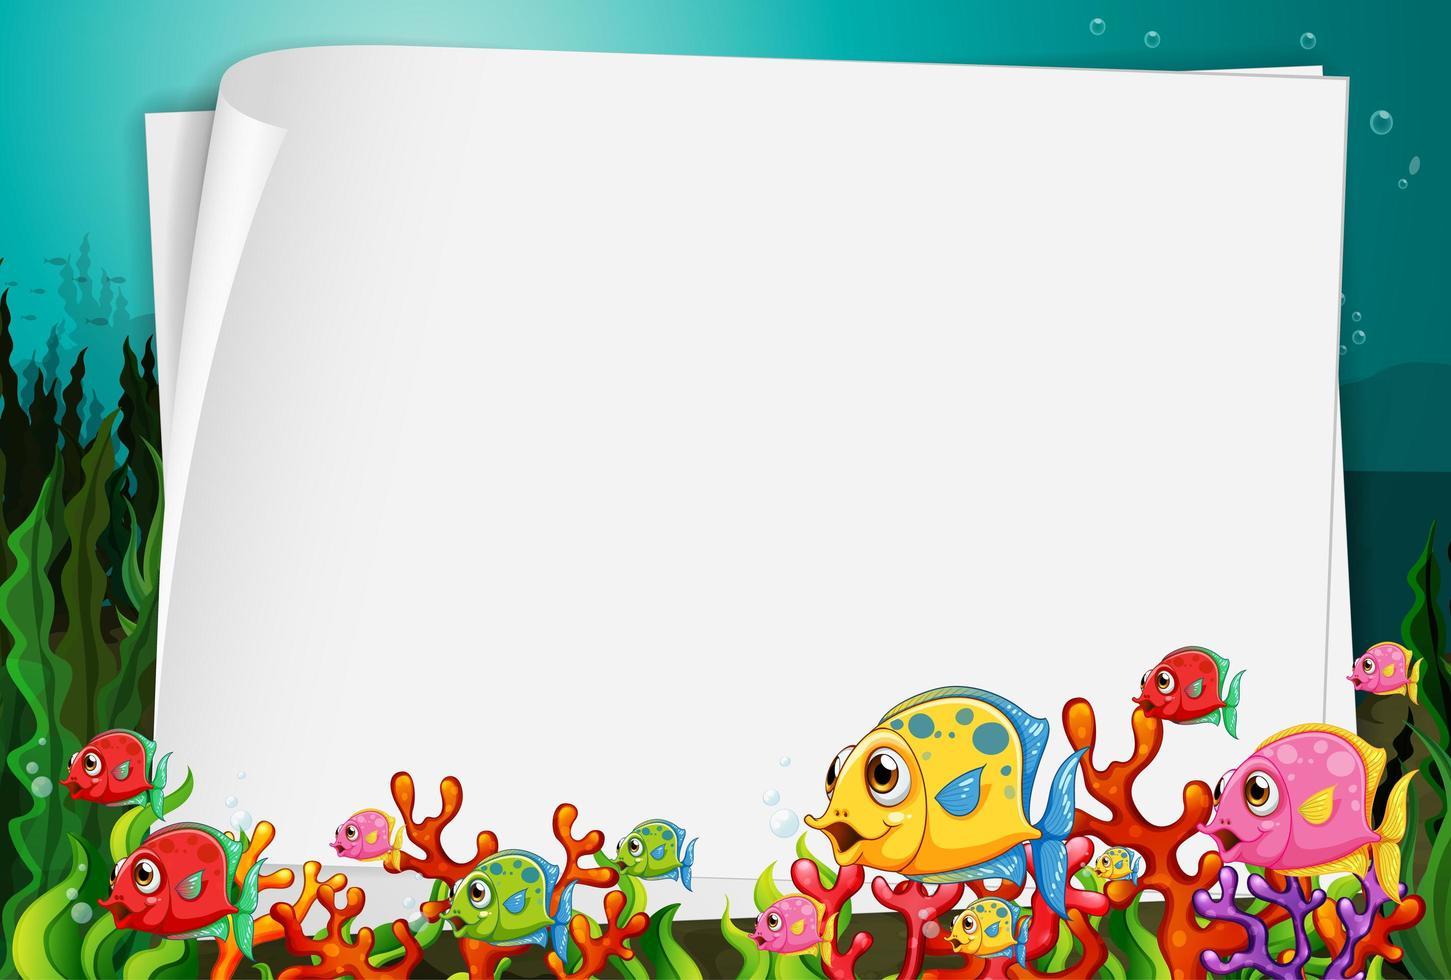 bannière de papier vierge avec des poissons exotiques et des éléments de la nature sous-marine sur le fond sous-marin vecteur